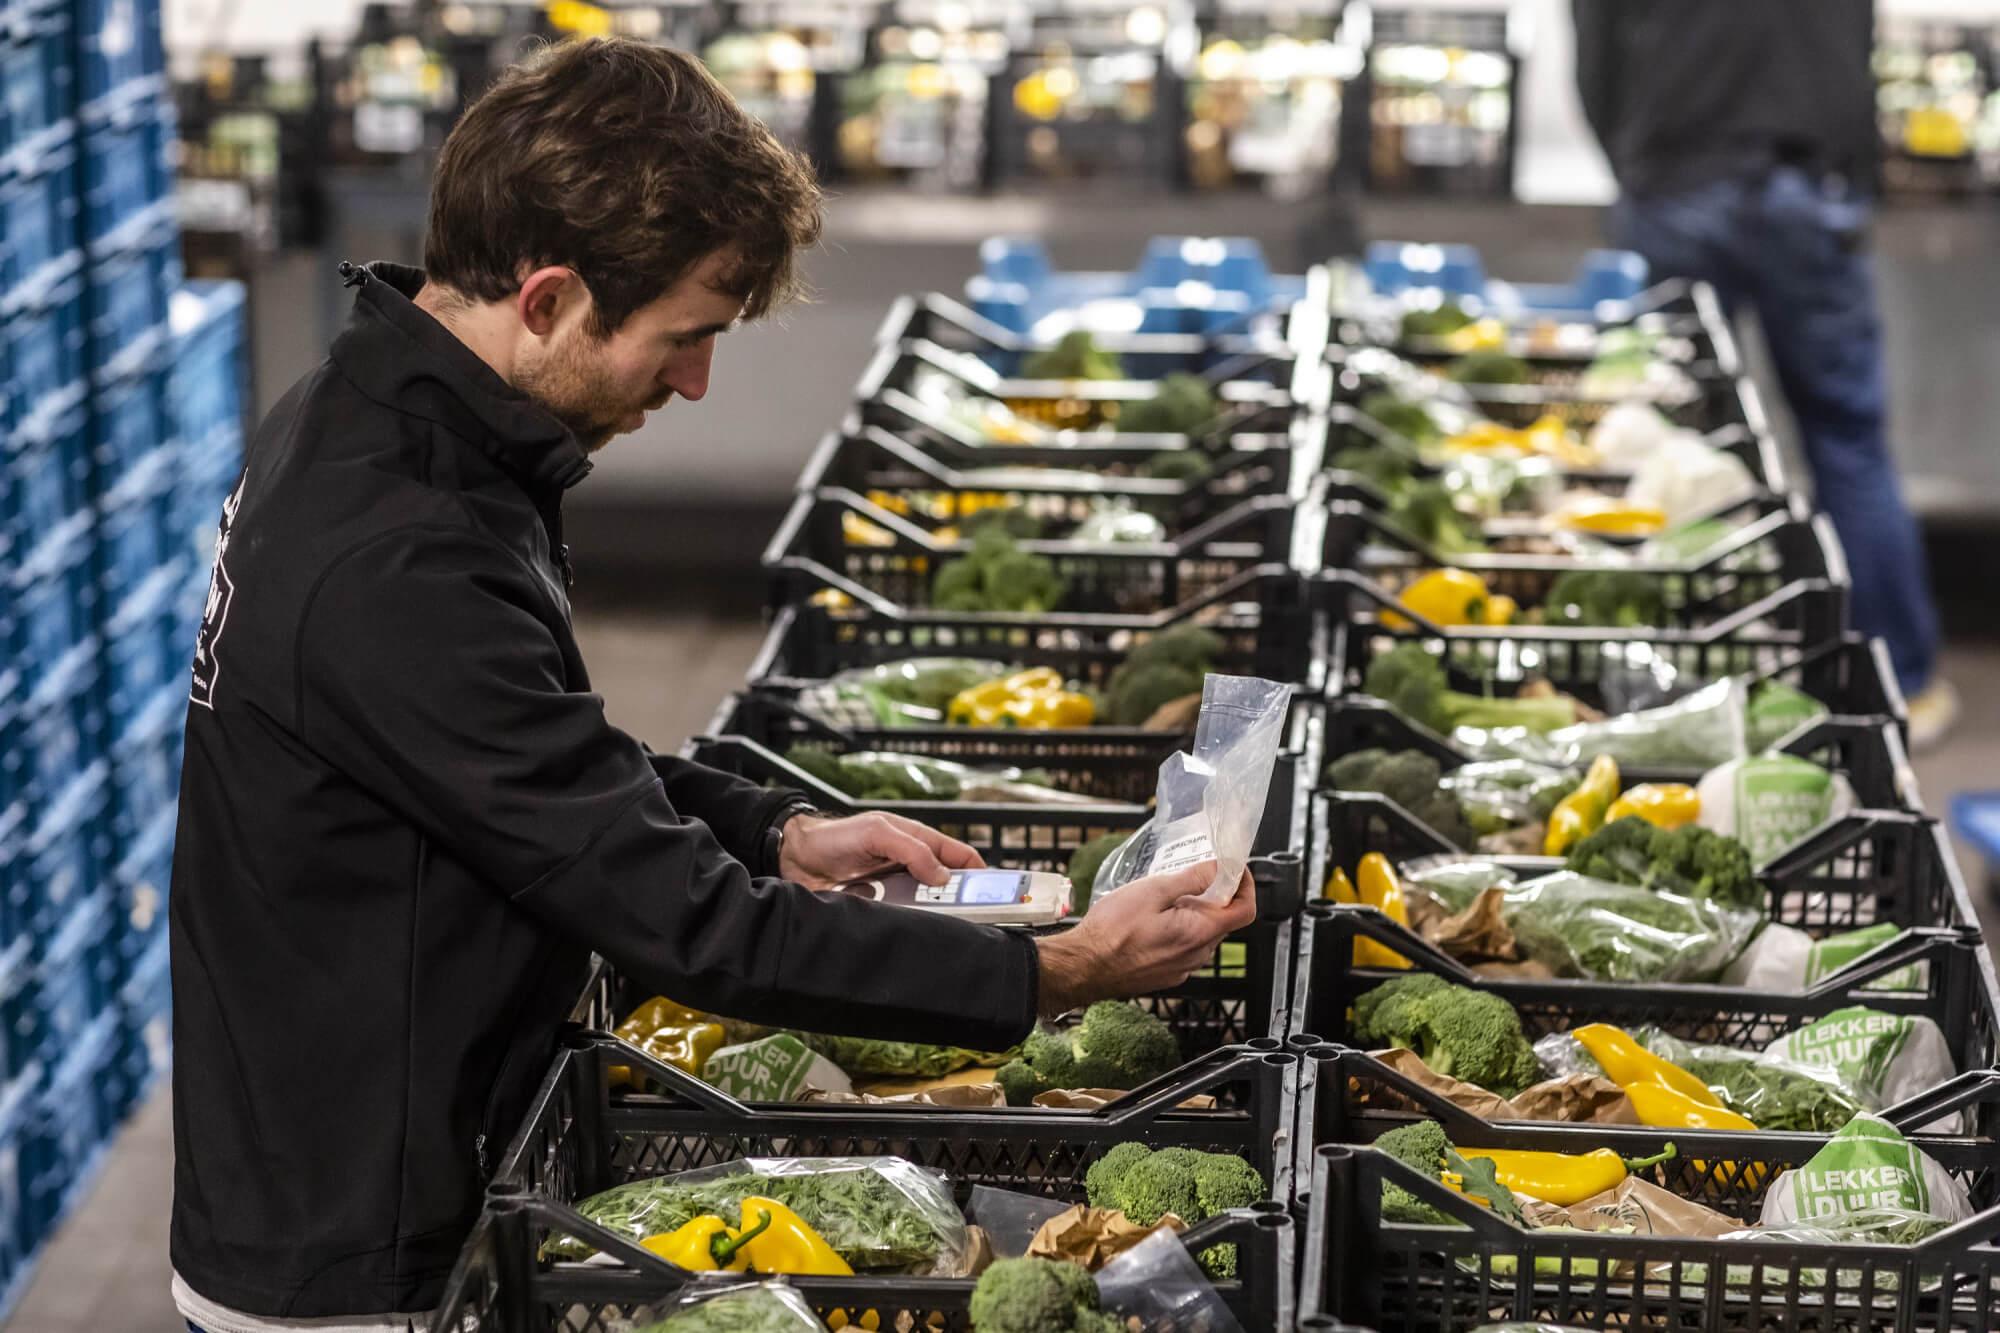 Duurzaam ondernemen - Boerschappen | BredaBusiness